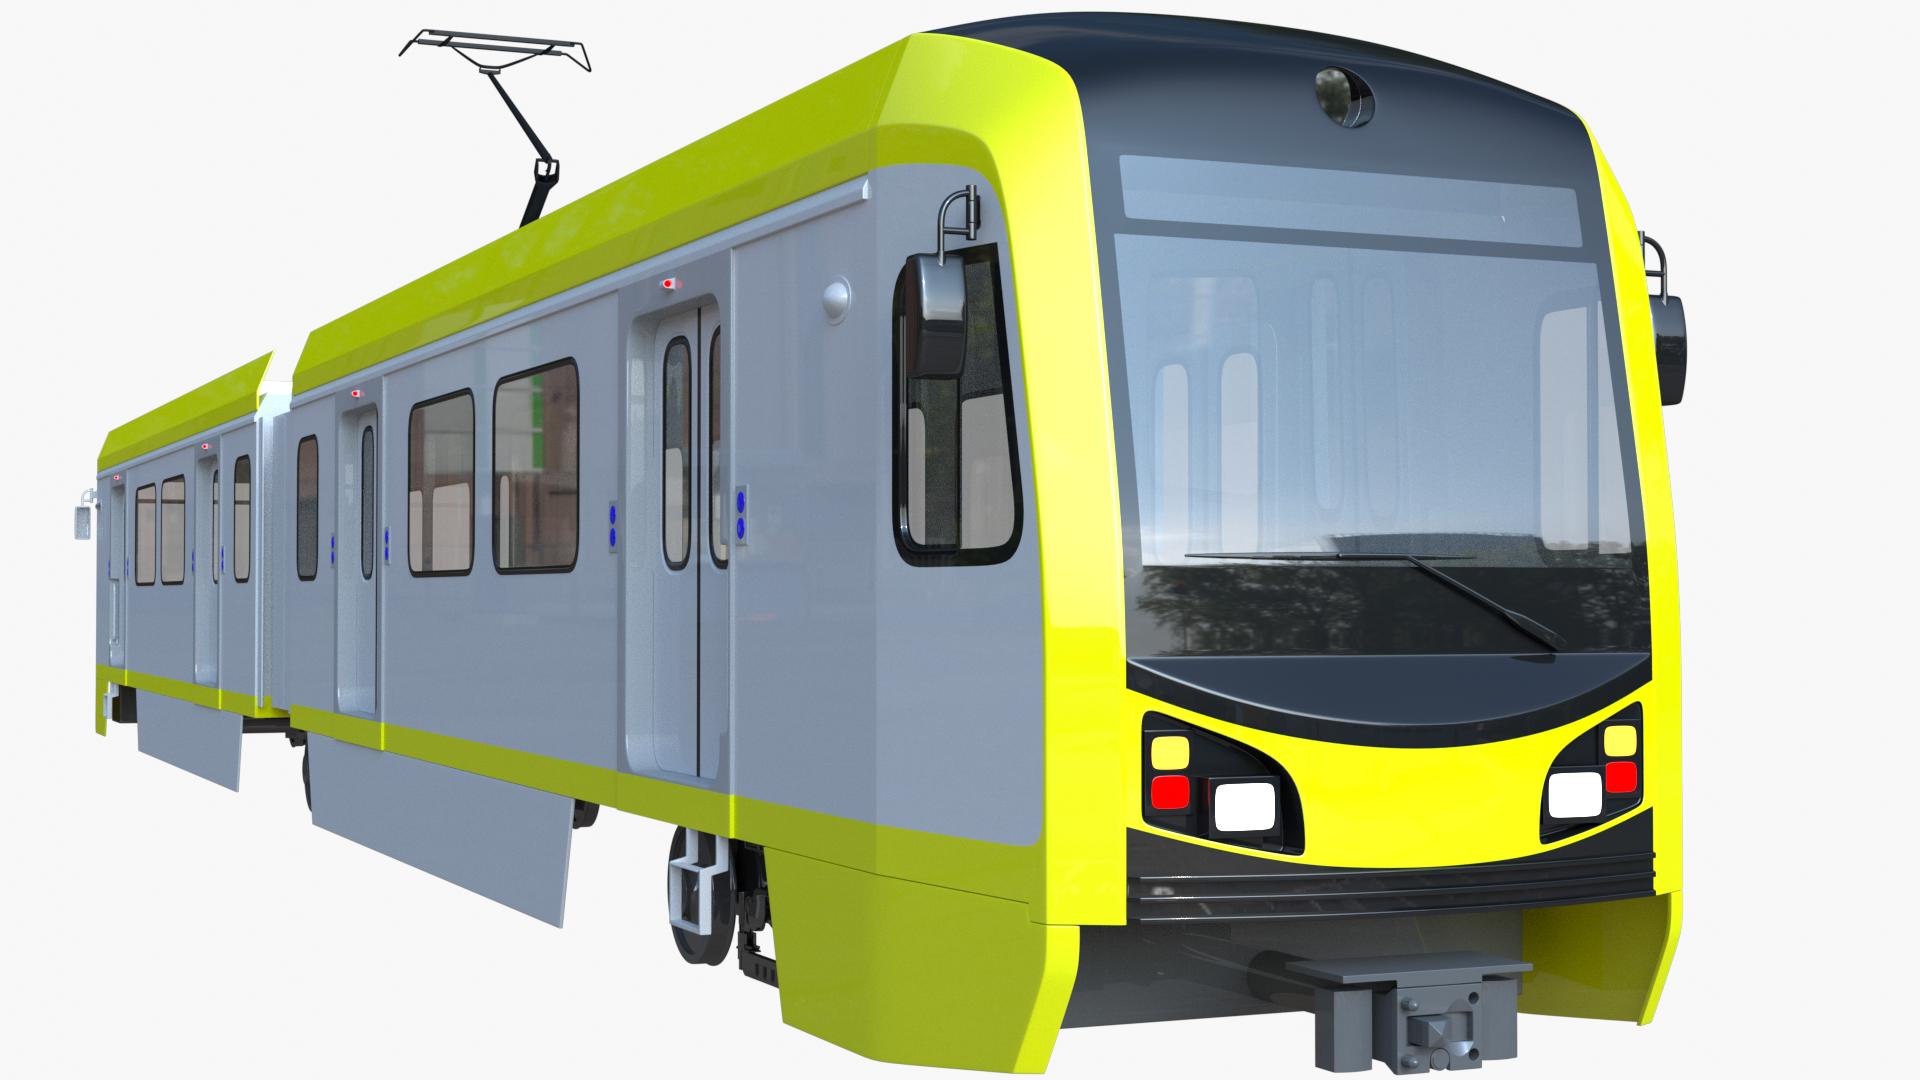 La Metro Train 3d Model La Metro Light Rail Train